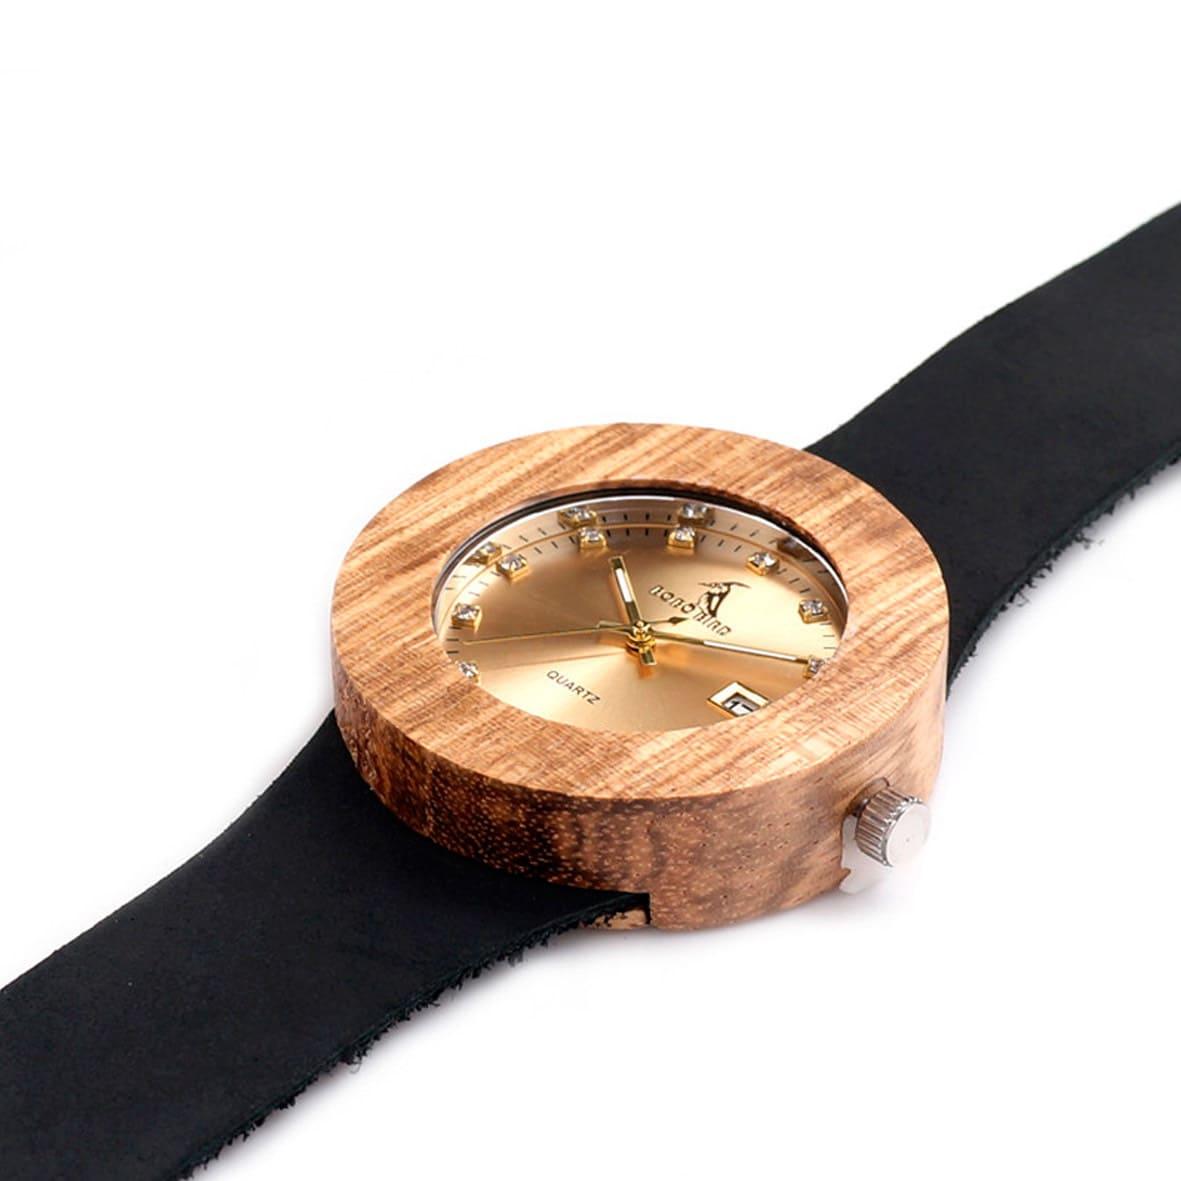 montre pas cher en bois